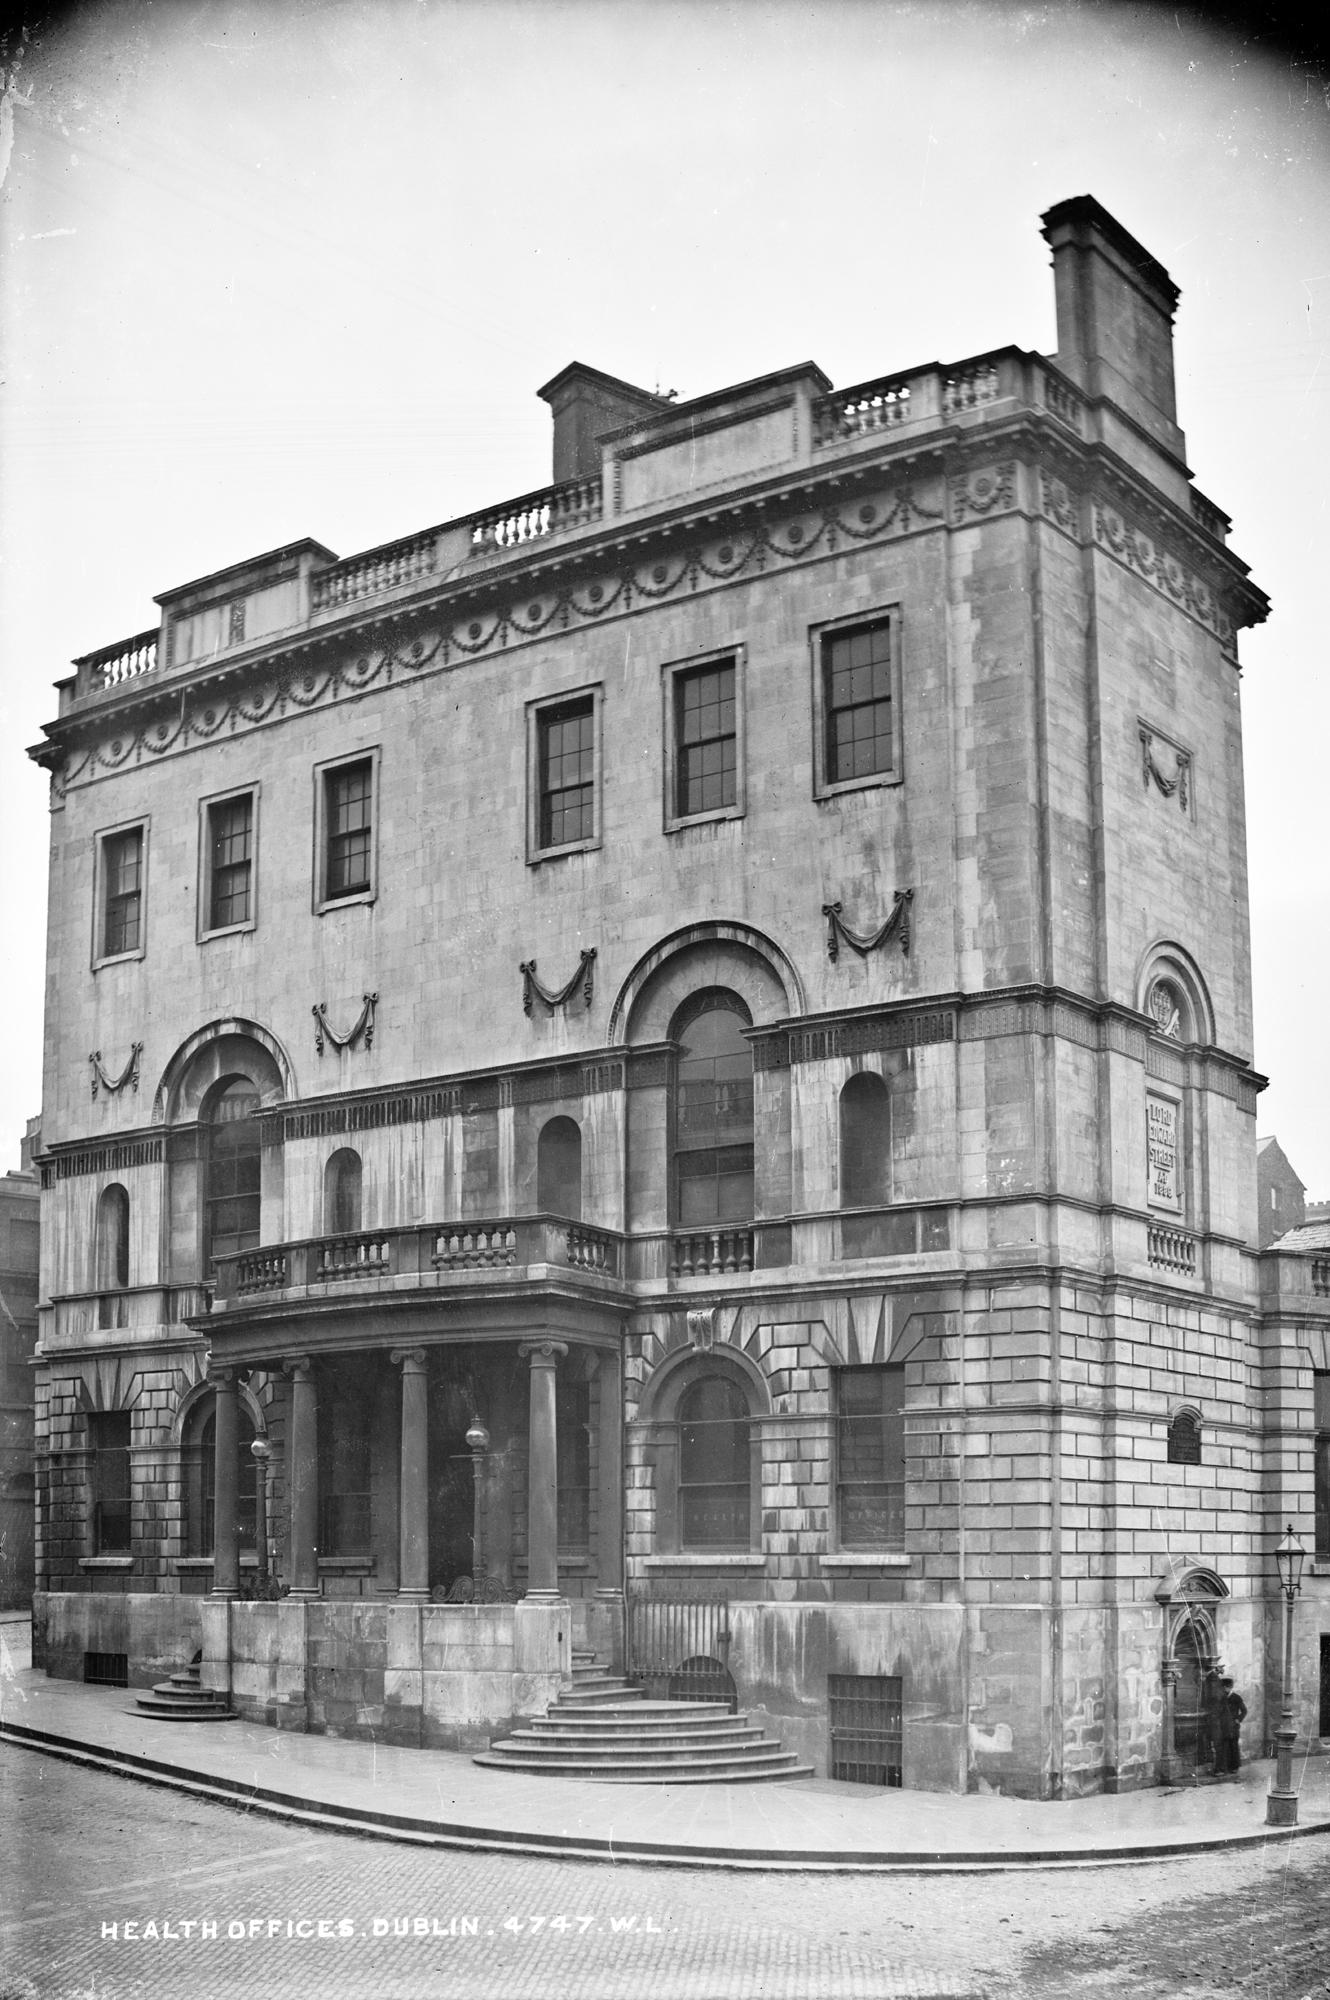 Health Offices, Dublin City, Co. Dublin